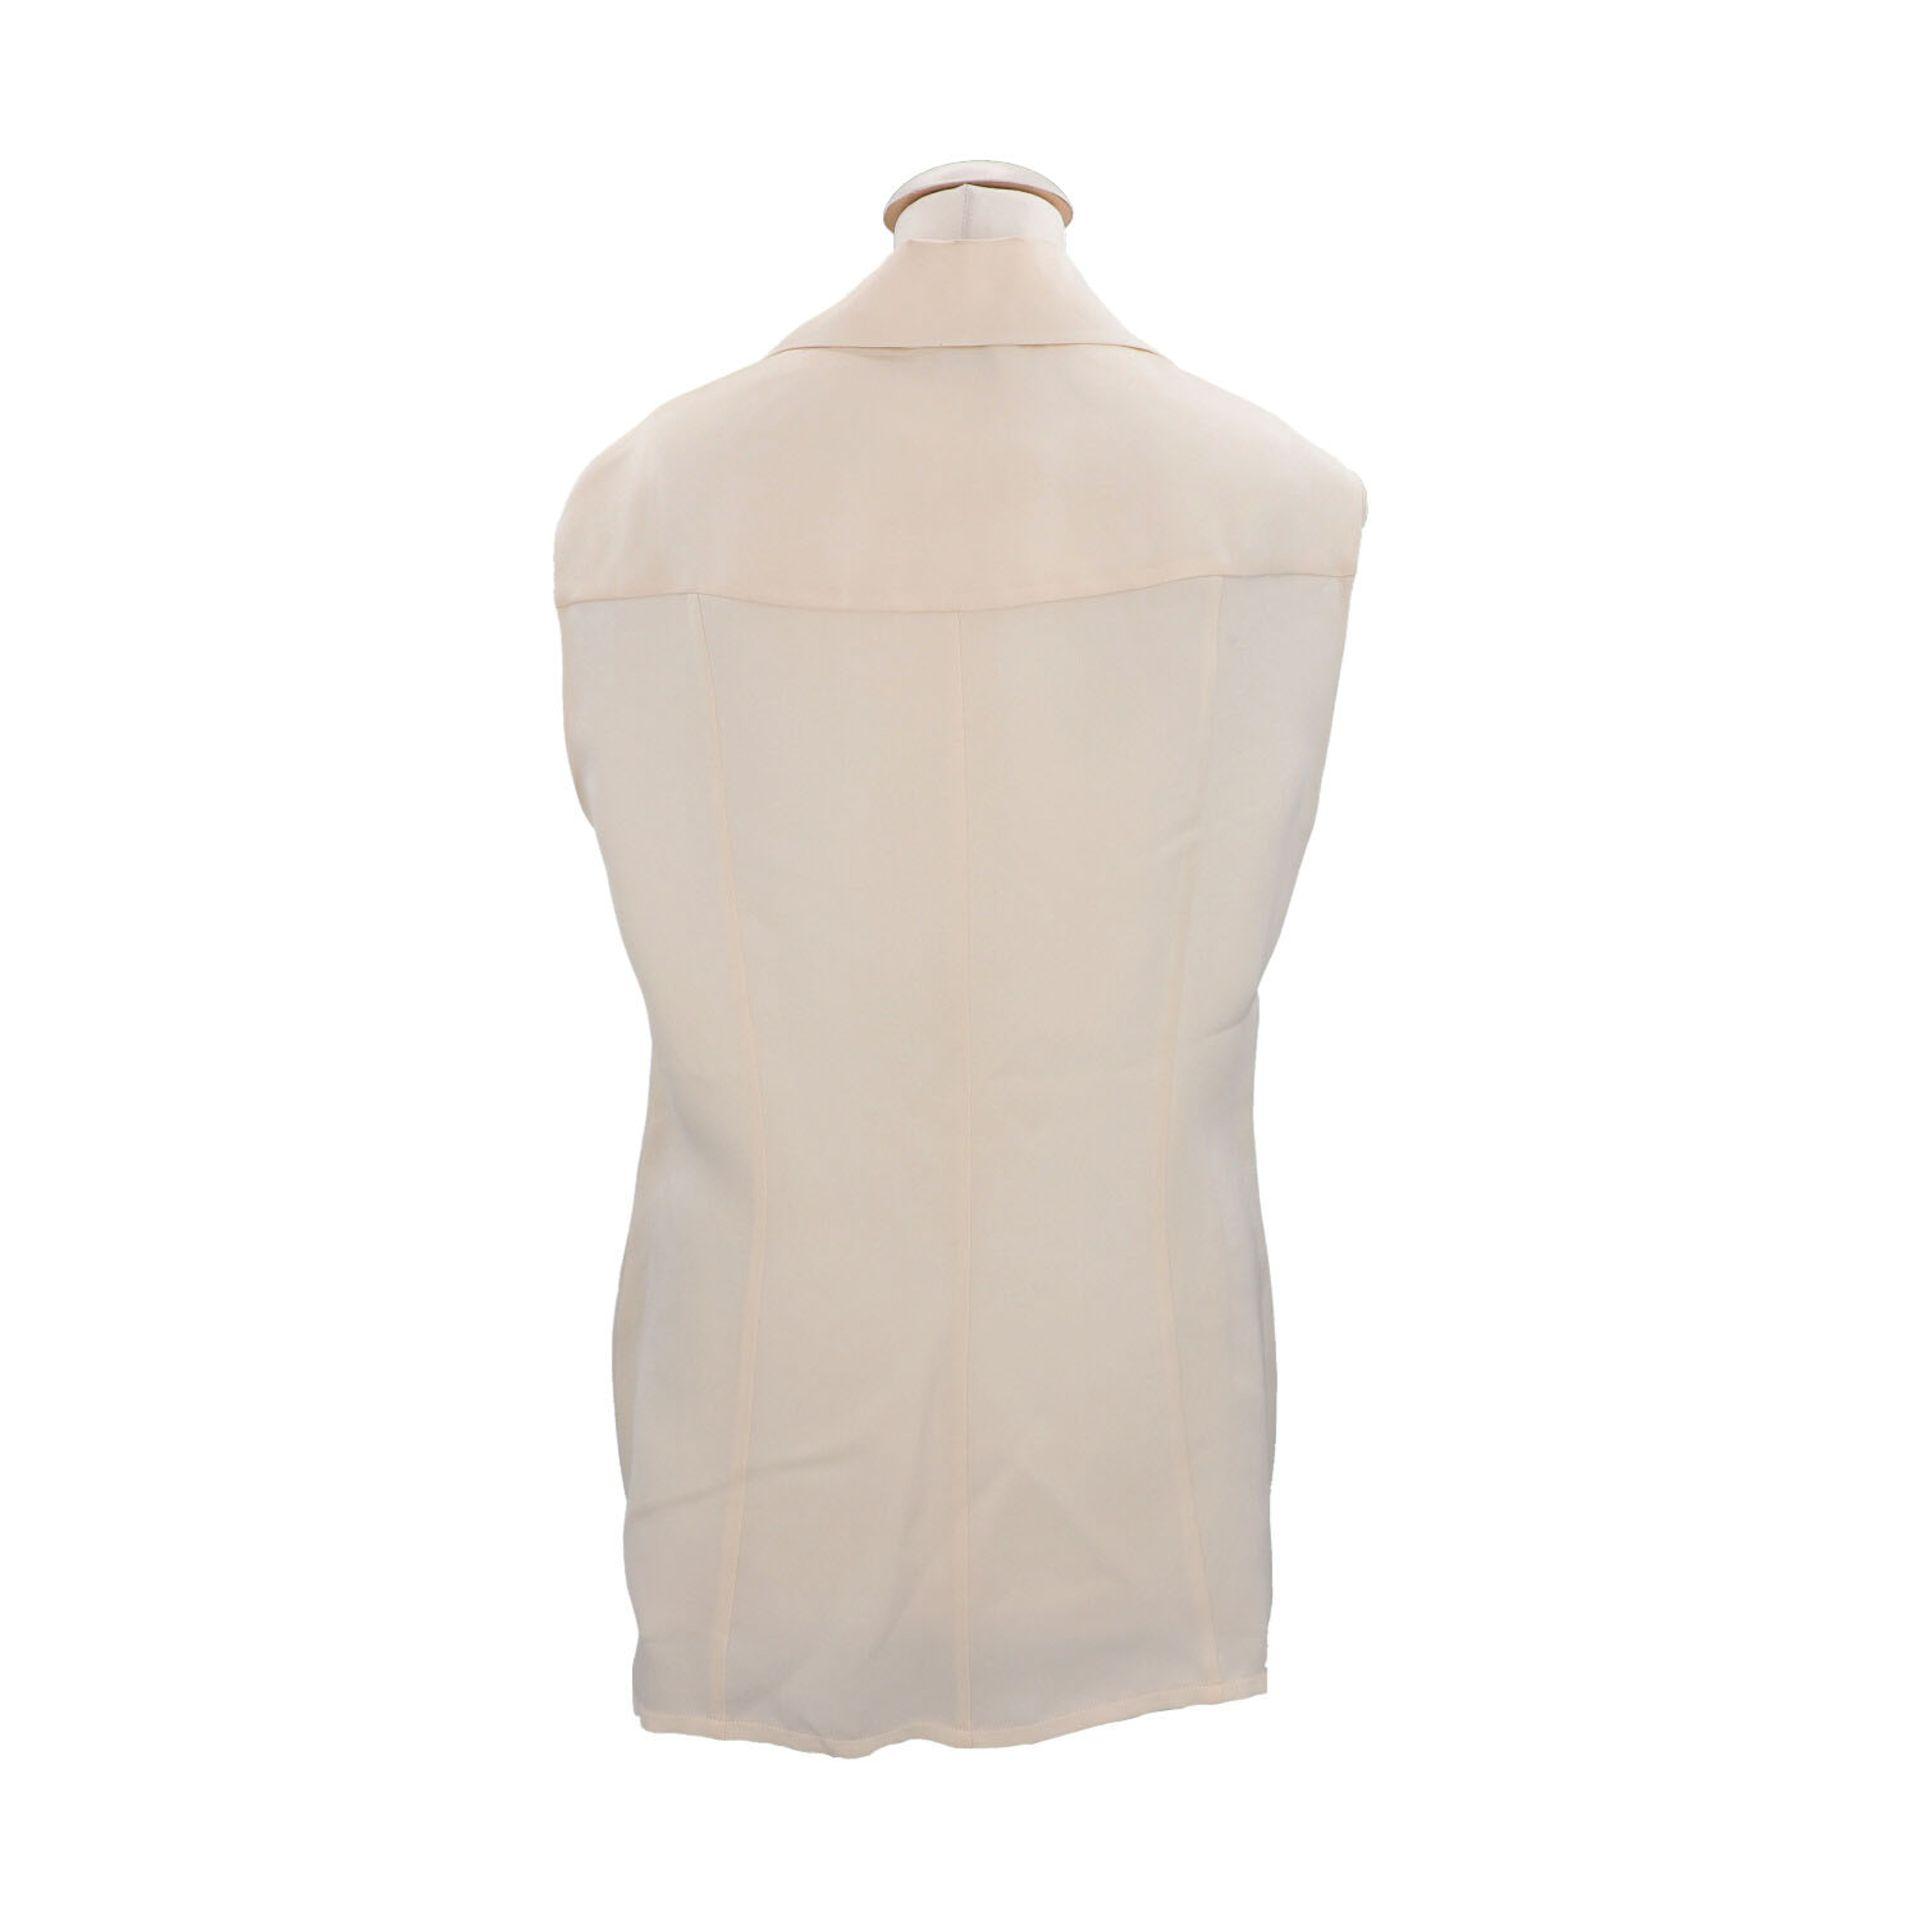 CHANEL BOUTIQUE Bluse, Gr. 42.Herstellergröße 44. Cremefarbenes Seiden-Modell mit Umlegekragen und - Bild 4 aus 4